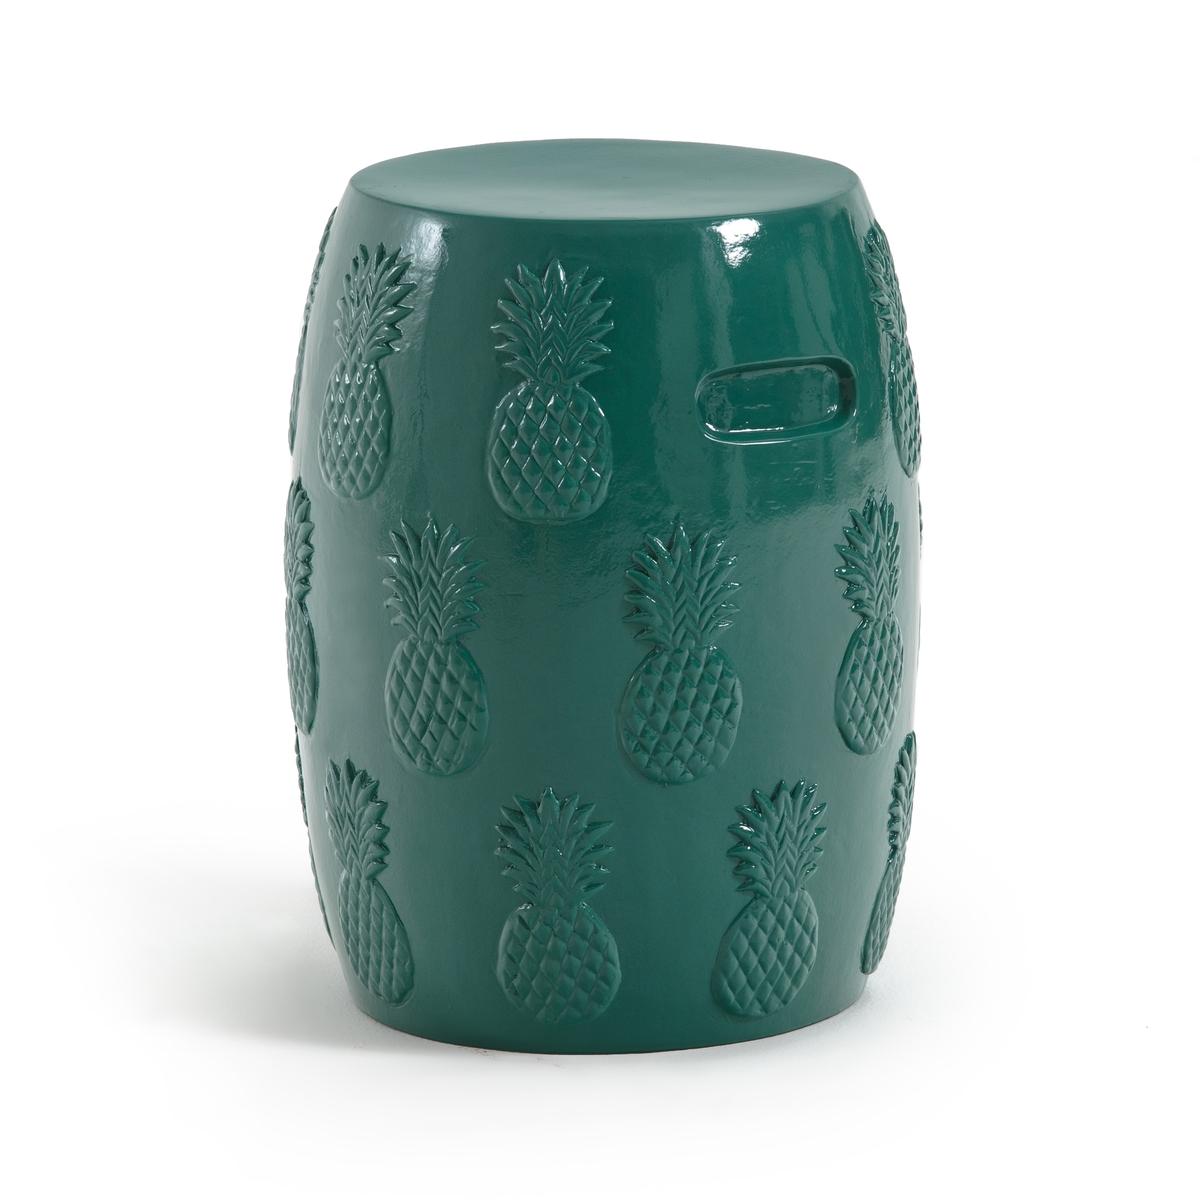 Табурет для сада из керамики NILELASS